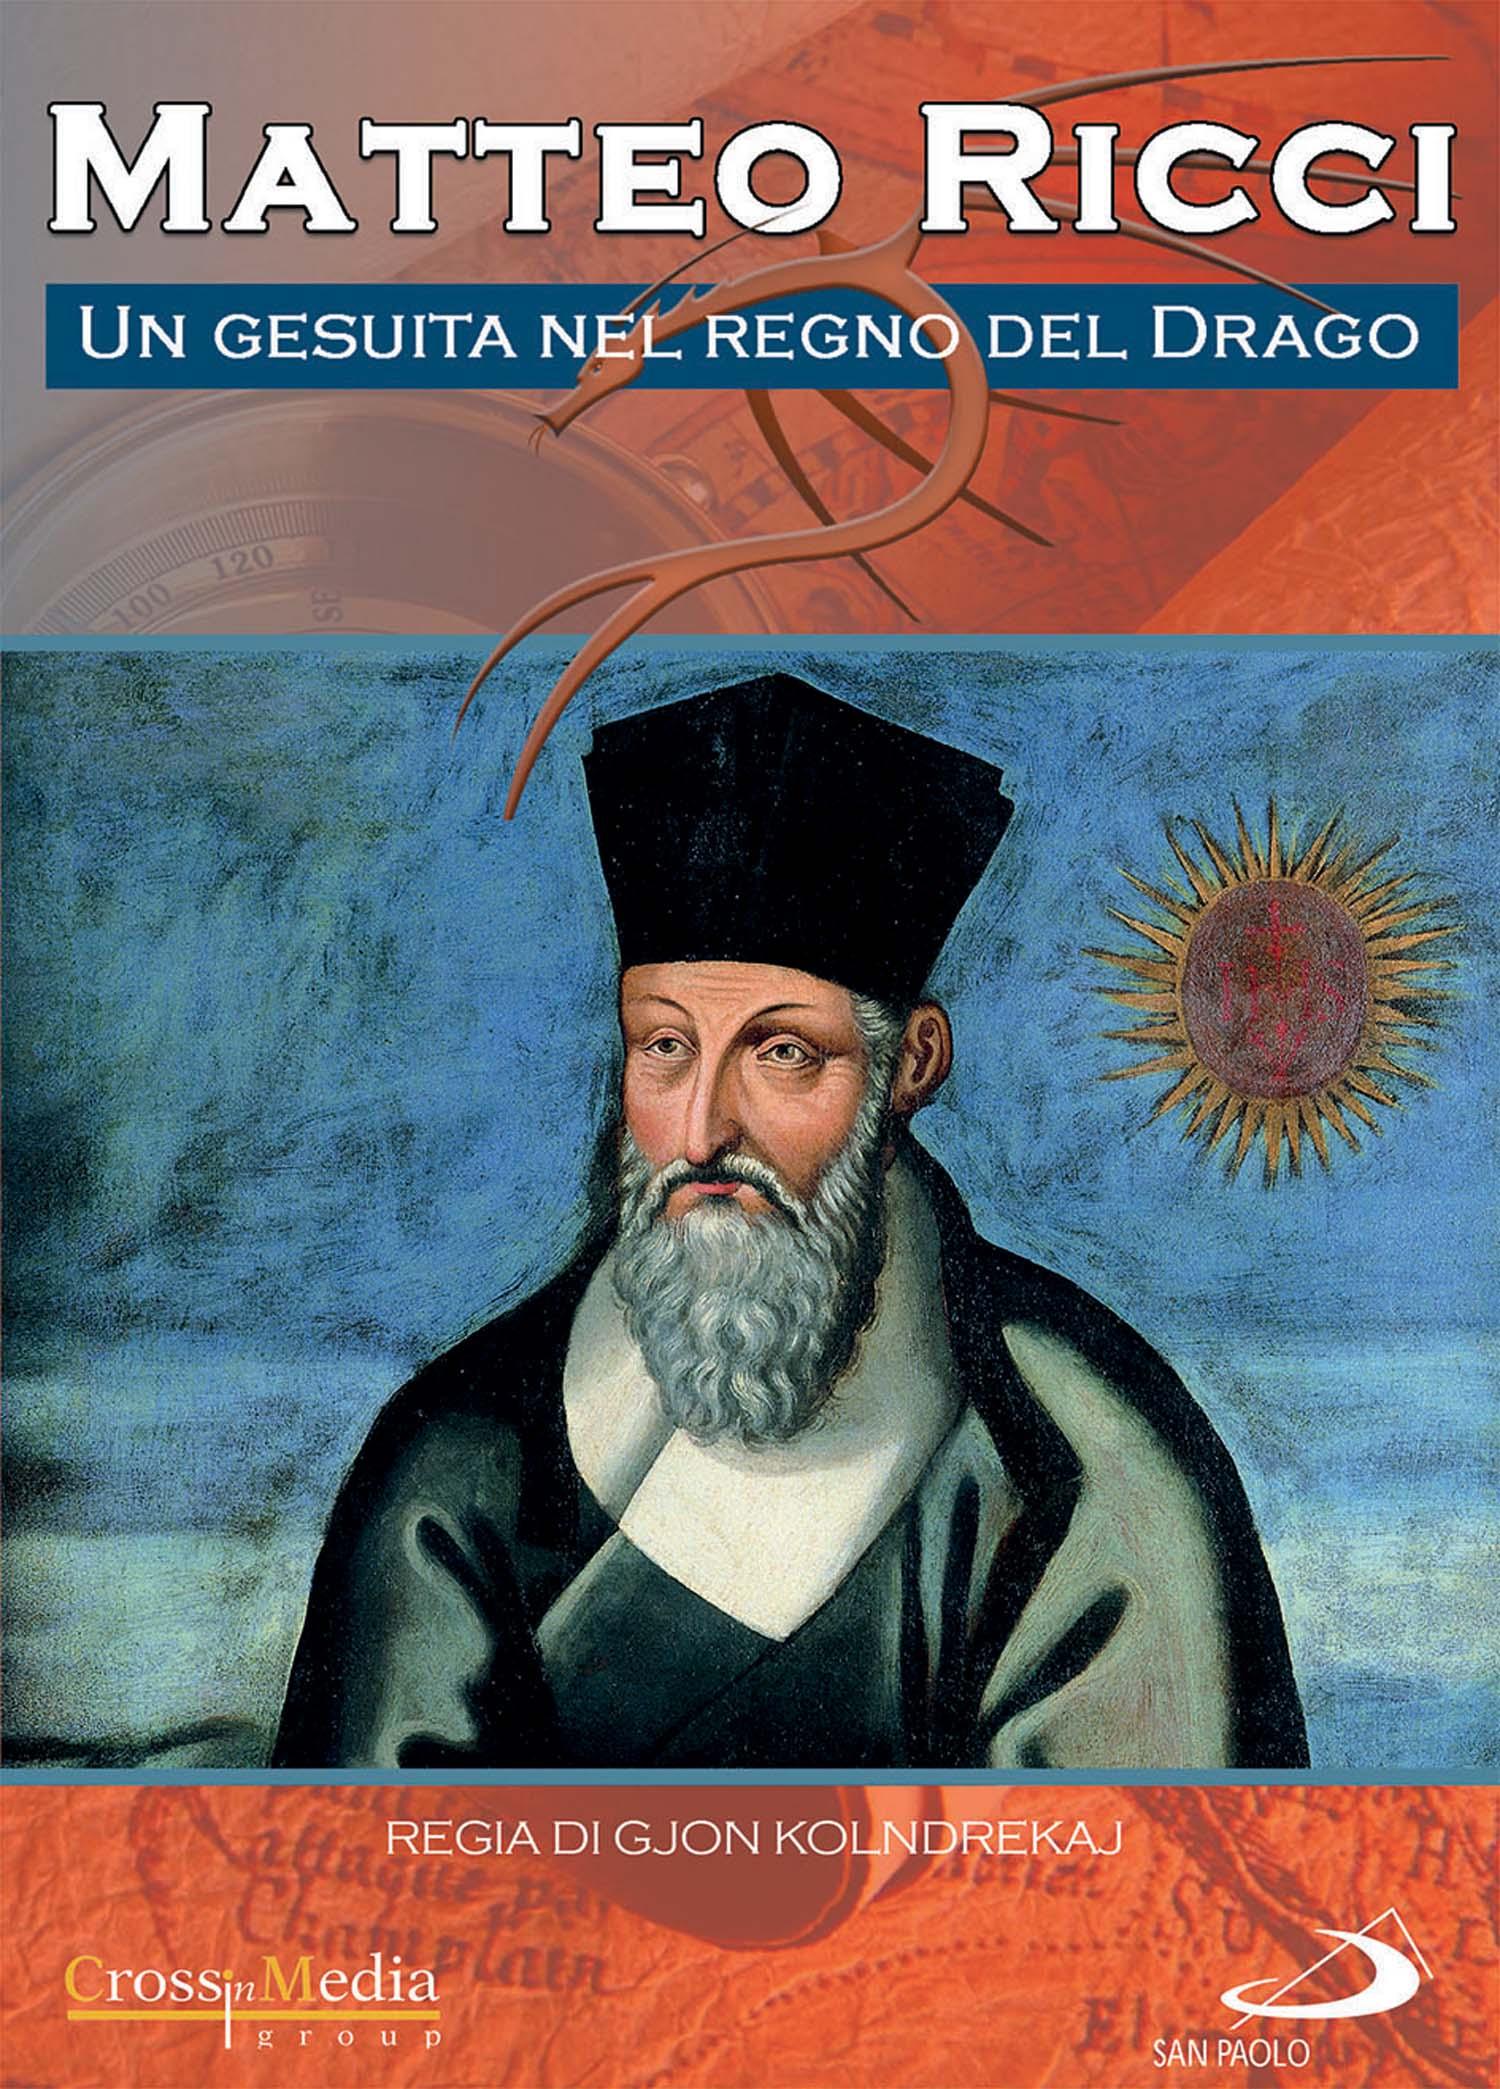 MATTEO RICCI - UN GESUITA NEL REGNO DEL DRAGO (DVD)